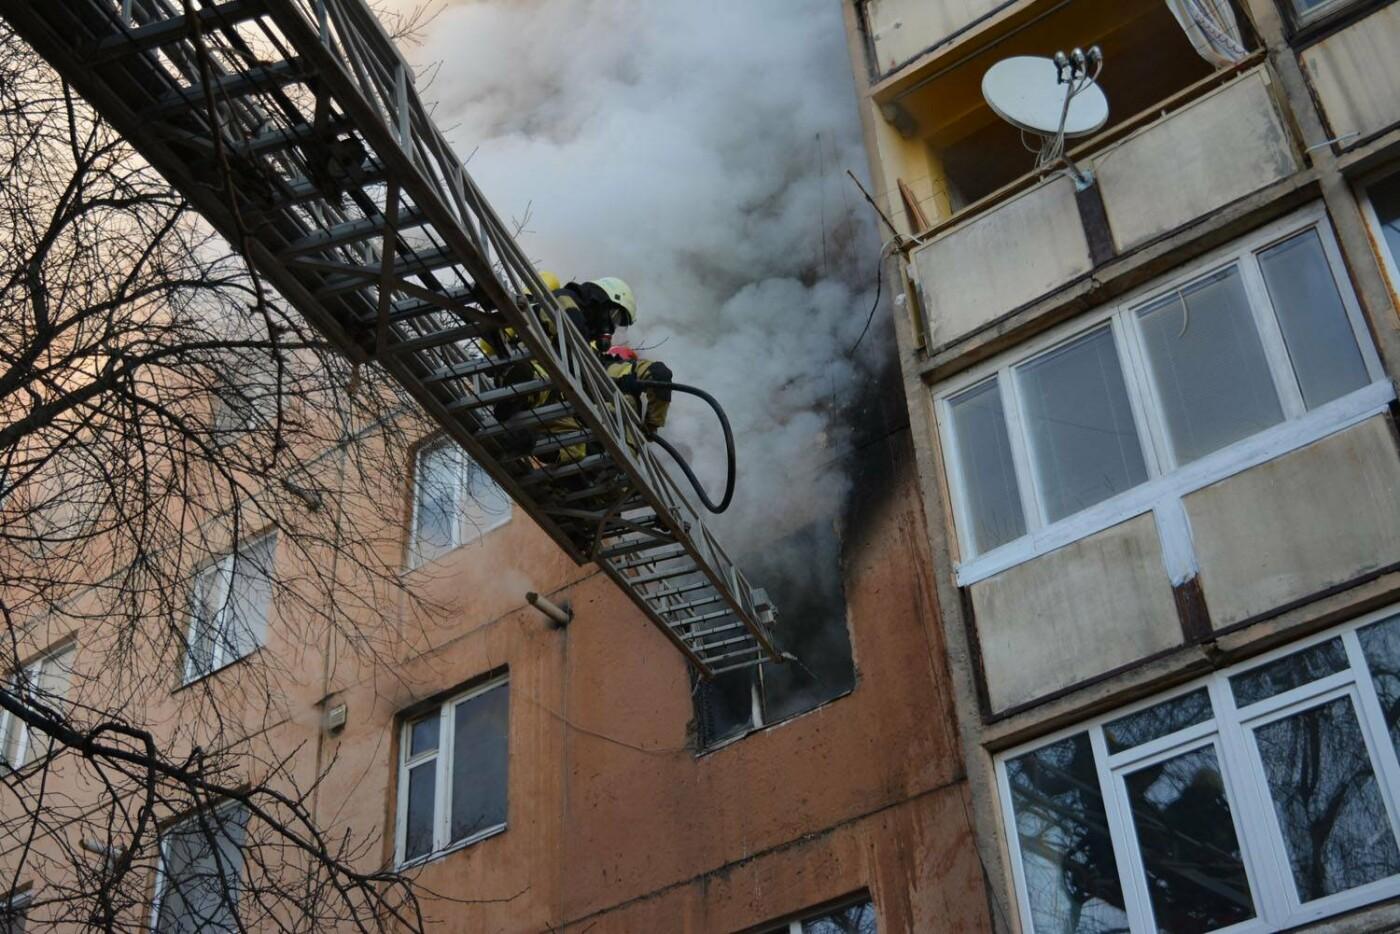 Через пожежу у багатоповерхівці на Годинки в Ужгороді евакуювали 20 чоловік, згоріли 2 кімнати (ФОТО, ВІДЕО, УСІ ПОДРОБИЦІ), фото-8